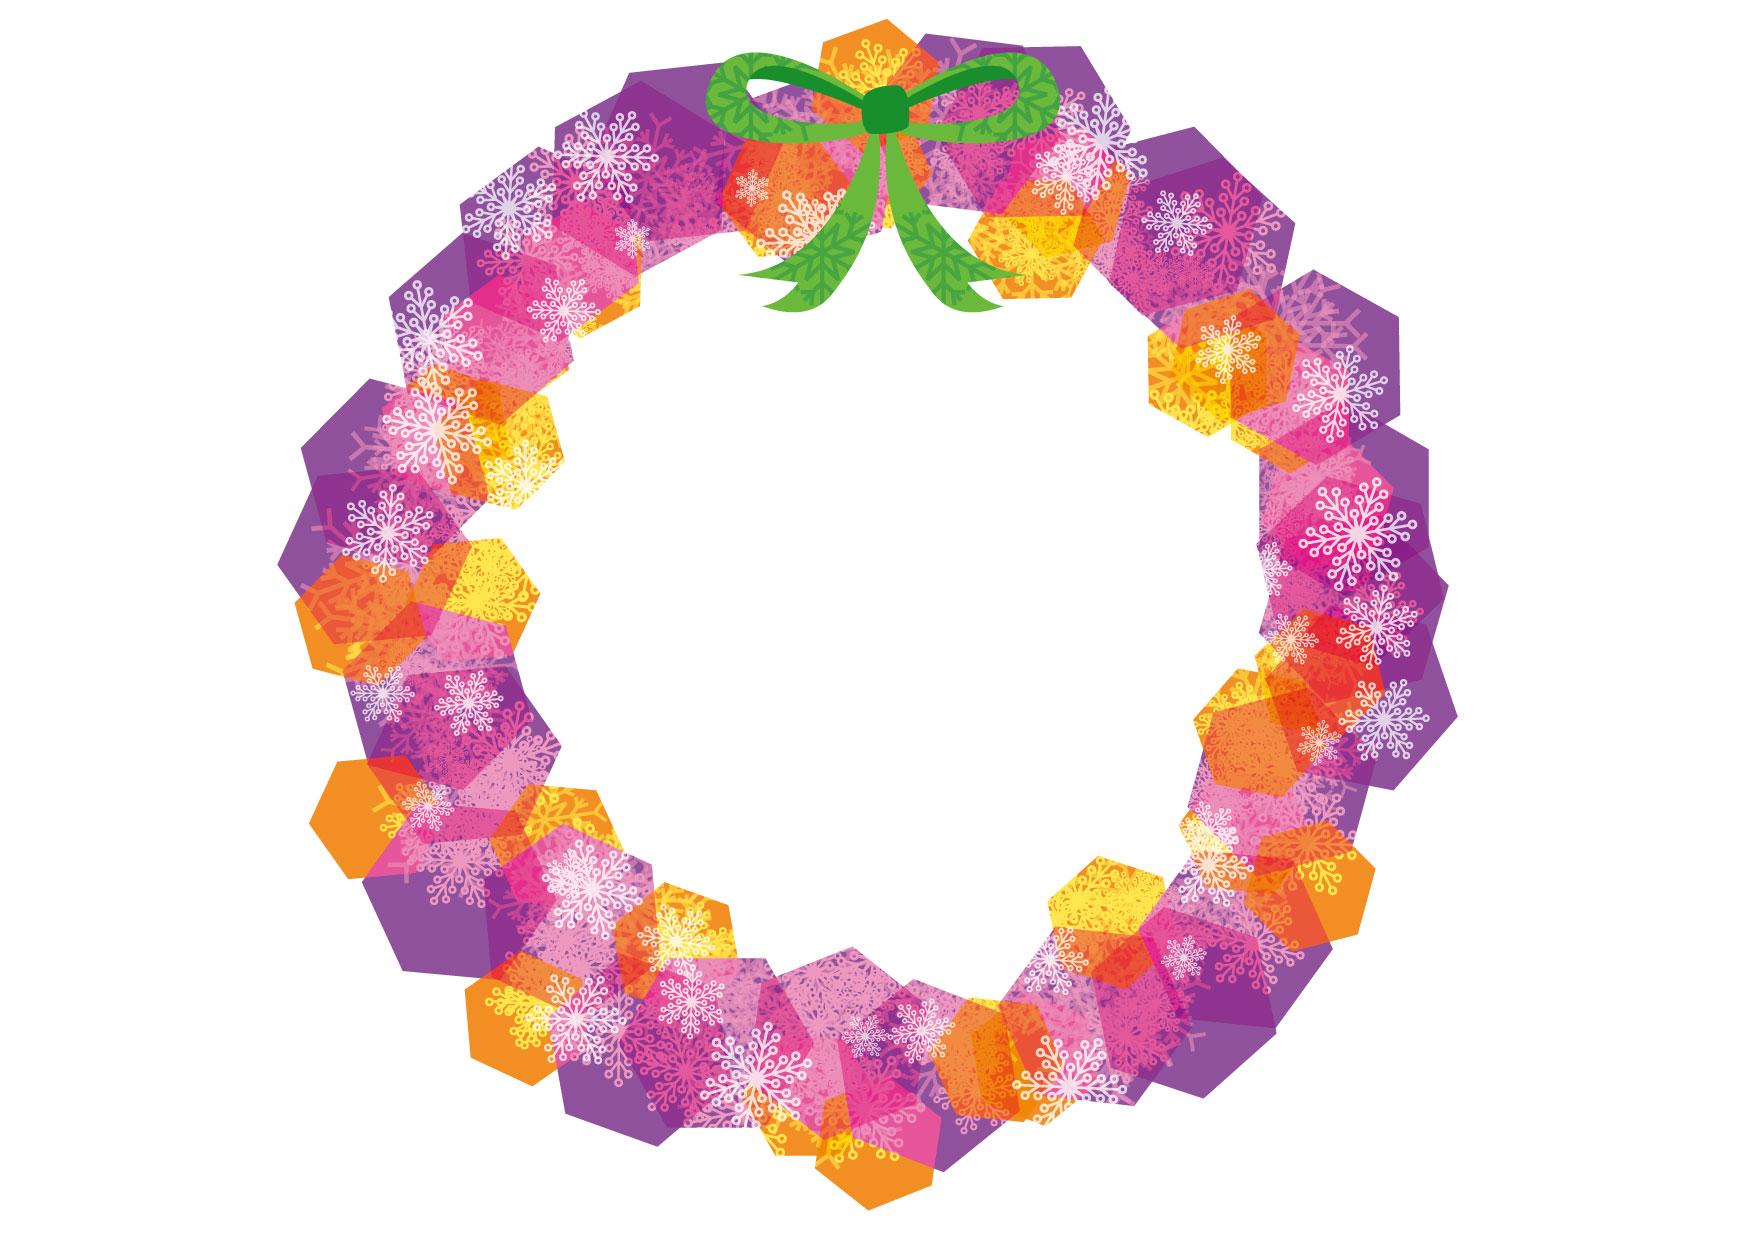 可愛いイラスト無料|クリスマスリース 紫色 − free illustration Christmas wreath purple